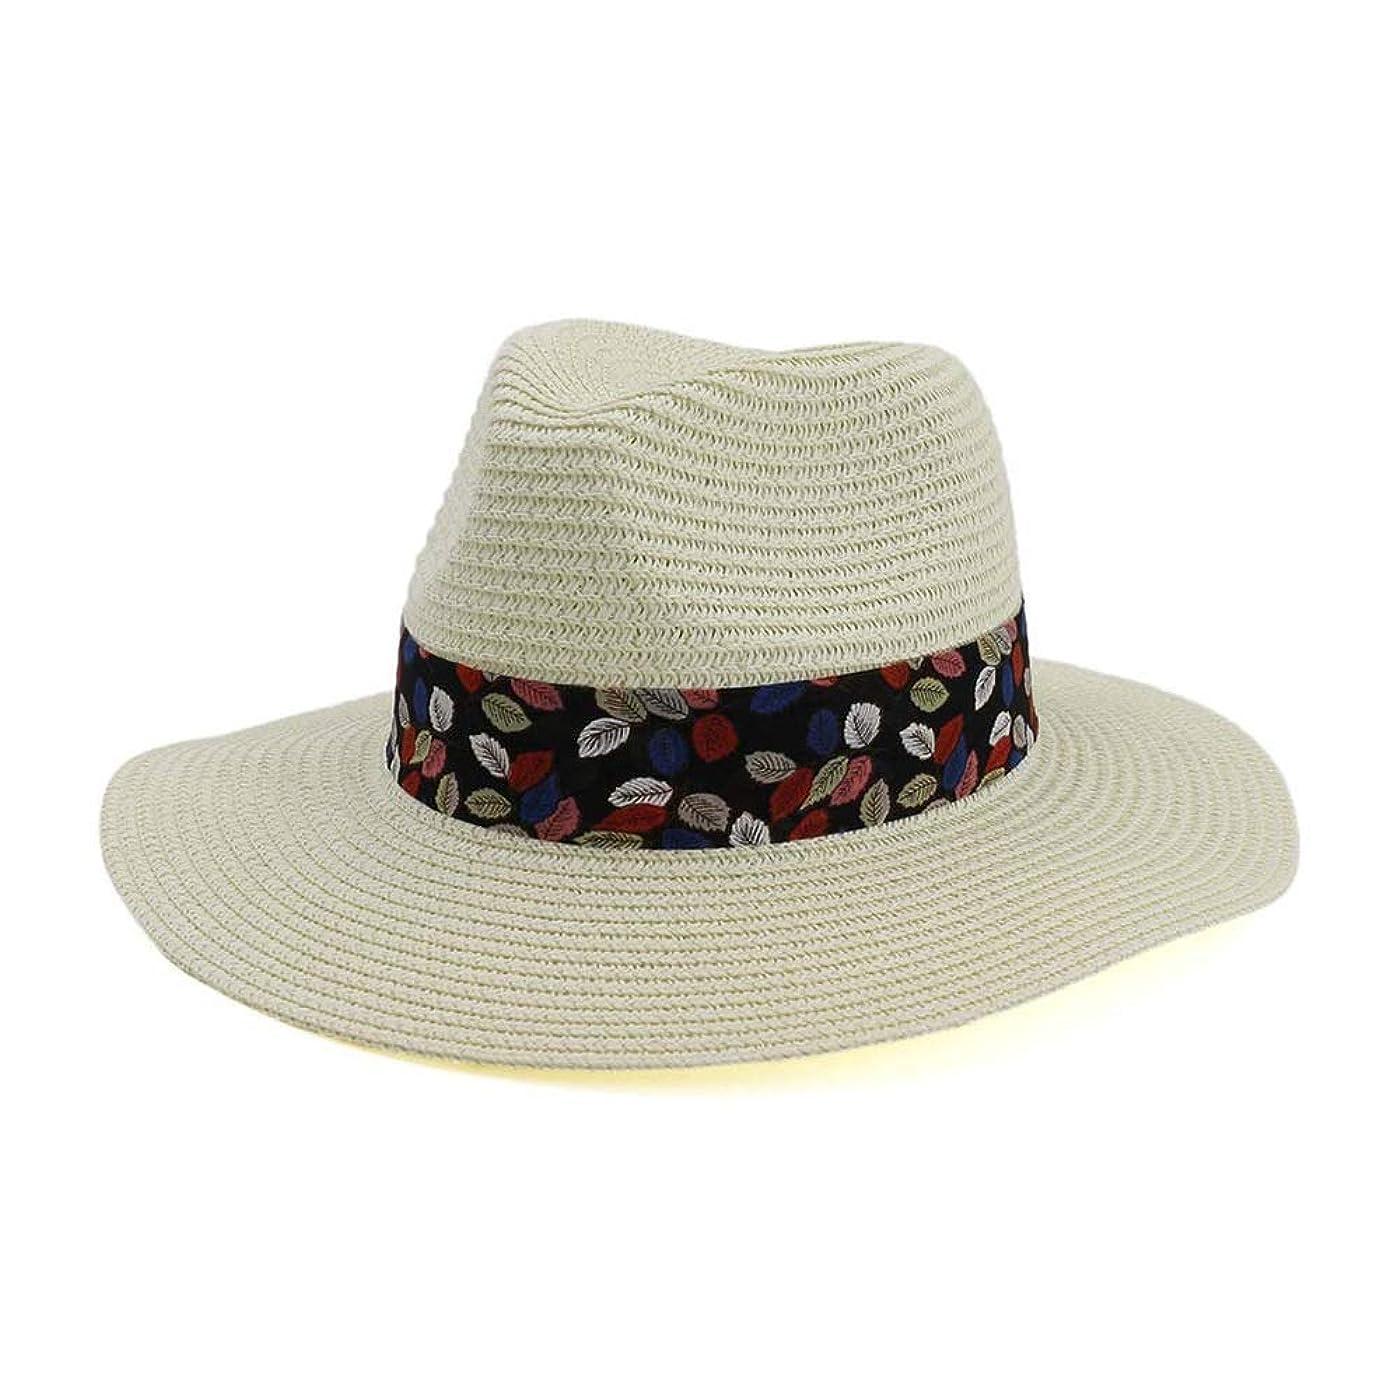 礼儀スリンクタイマーMUJUN 2019 ファッション 女性のための夏の屋外旅行わら広いつばの日曜日の帽子紫外線保護パナマ帽子 (色 : クリーム, サイズ : 56-58CM)